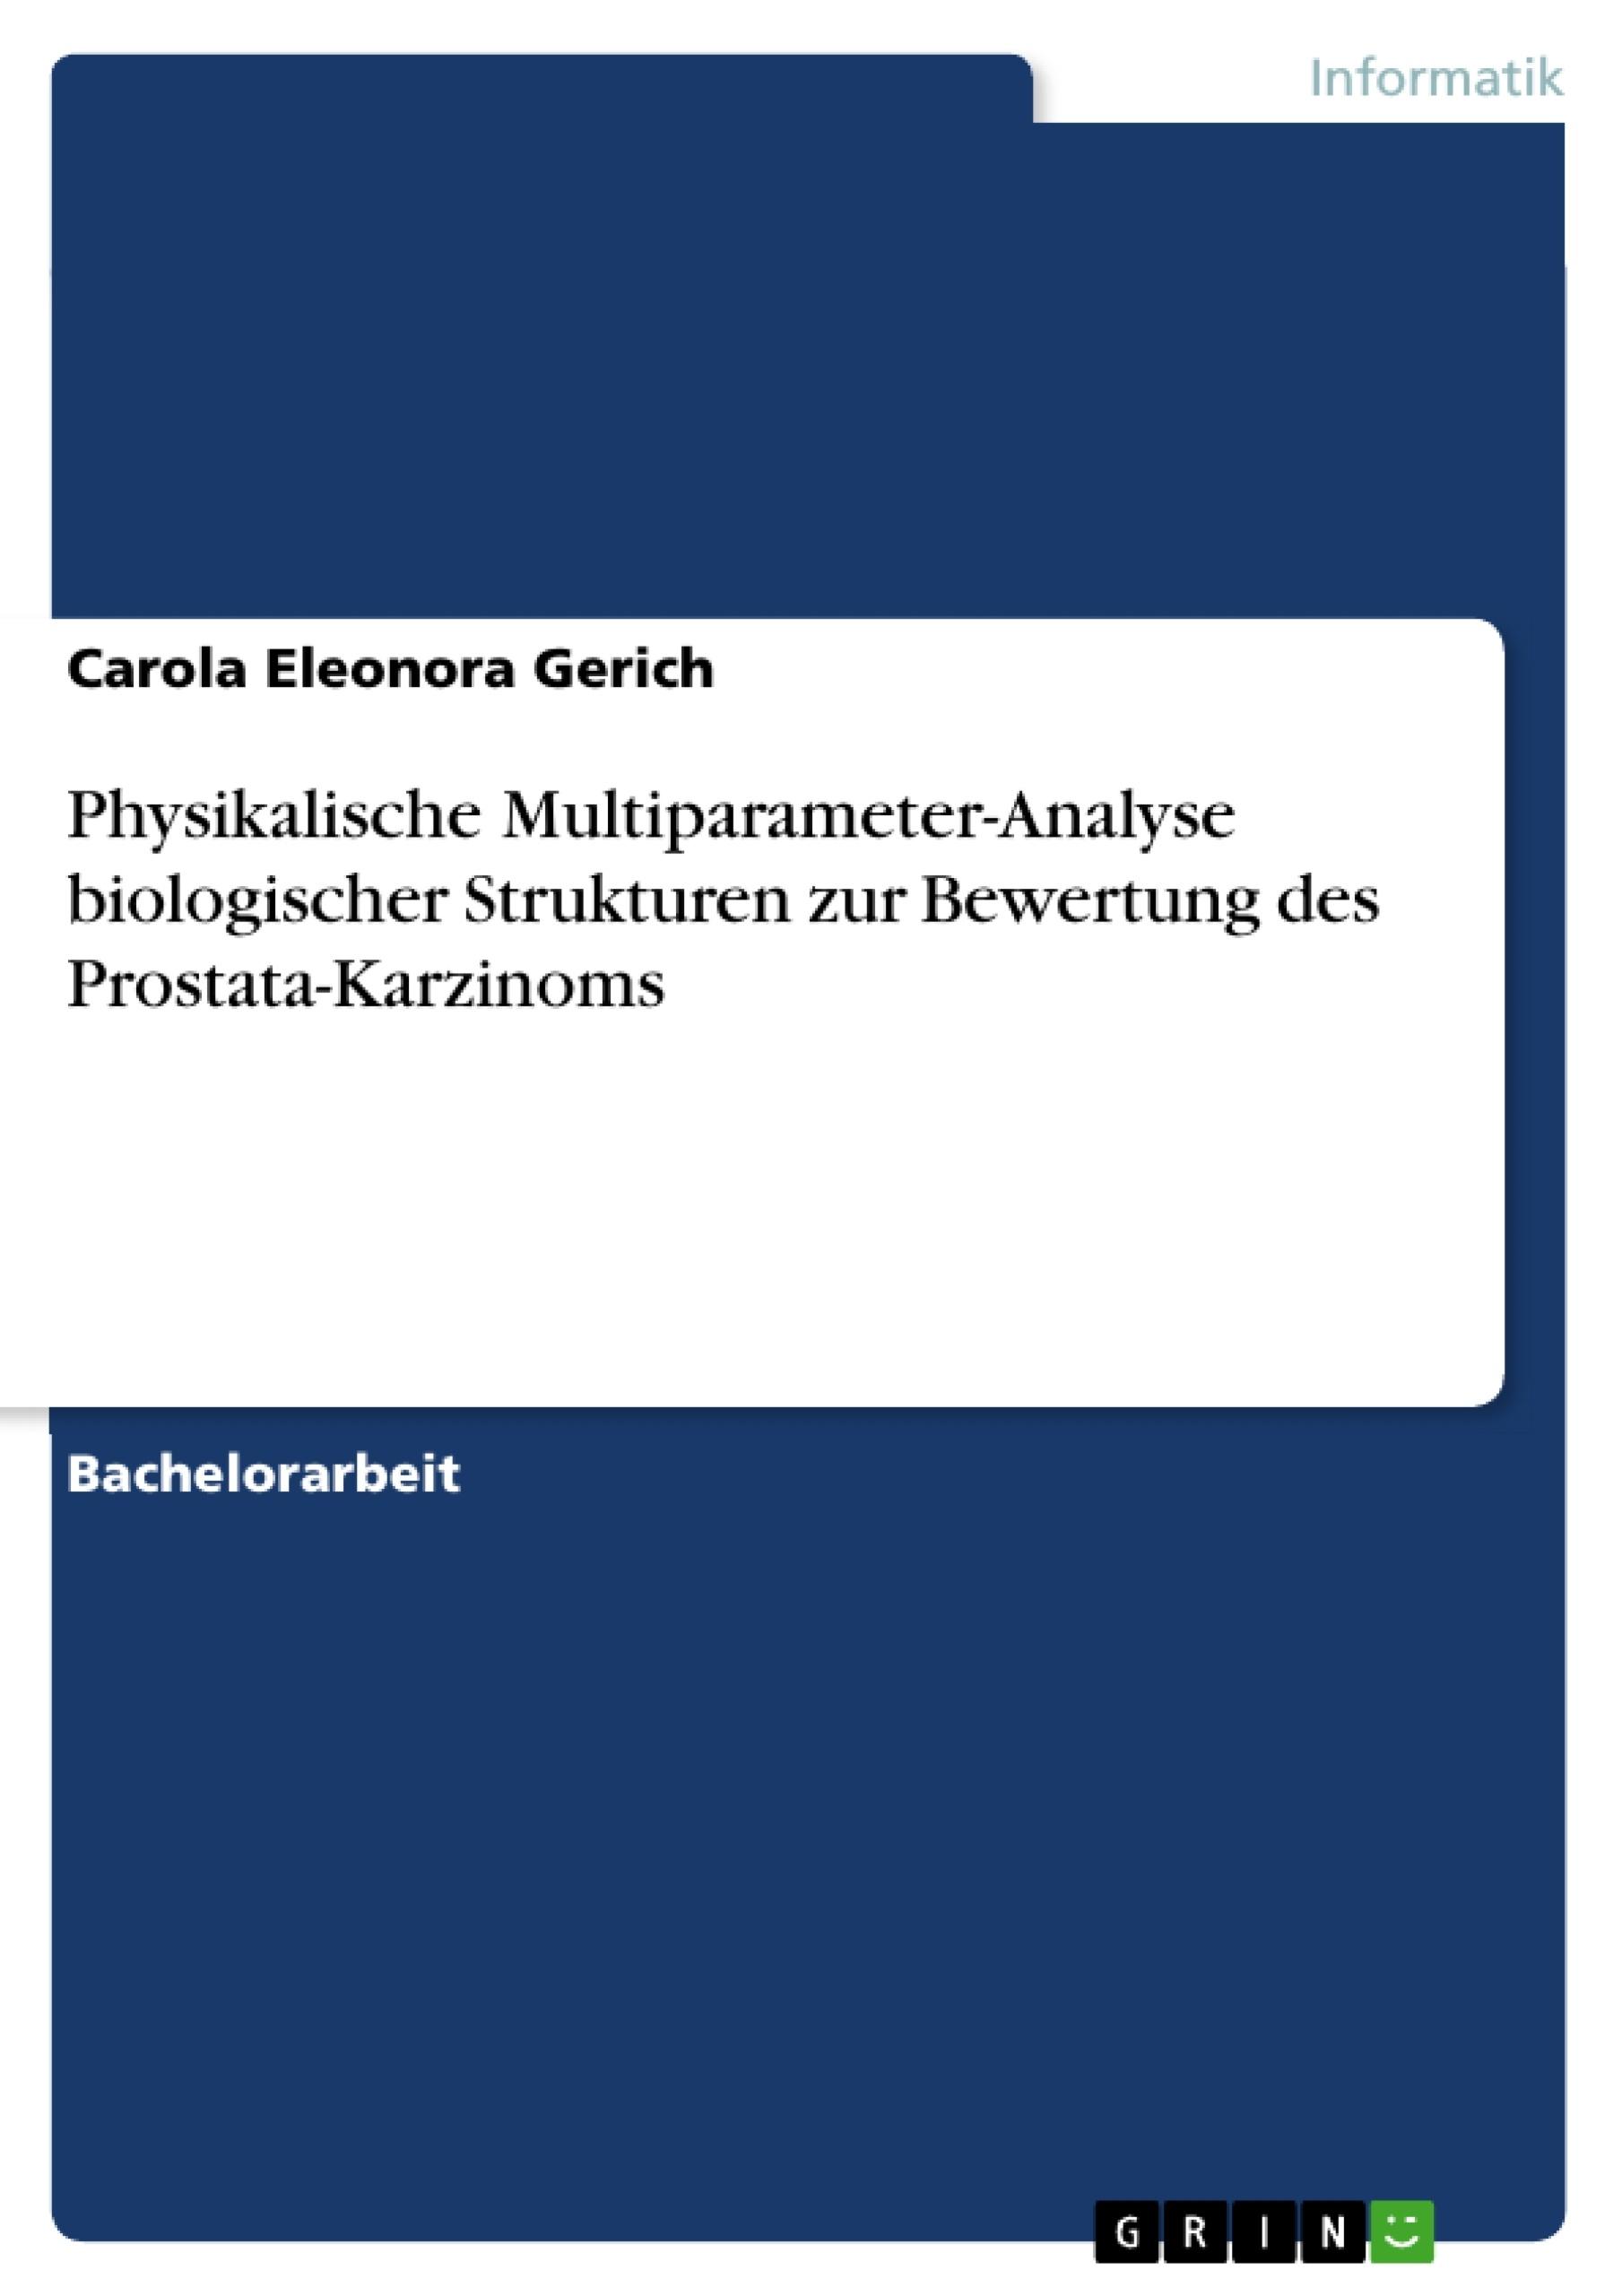 Titel: Physikalische Multiparameter-Analyse biologischer Strukturen zur Bewertung des Prostata-Karzinoms